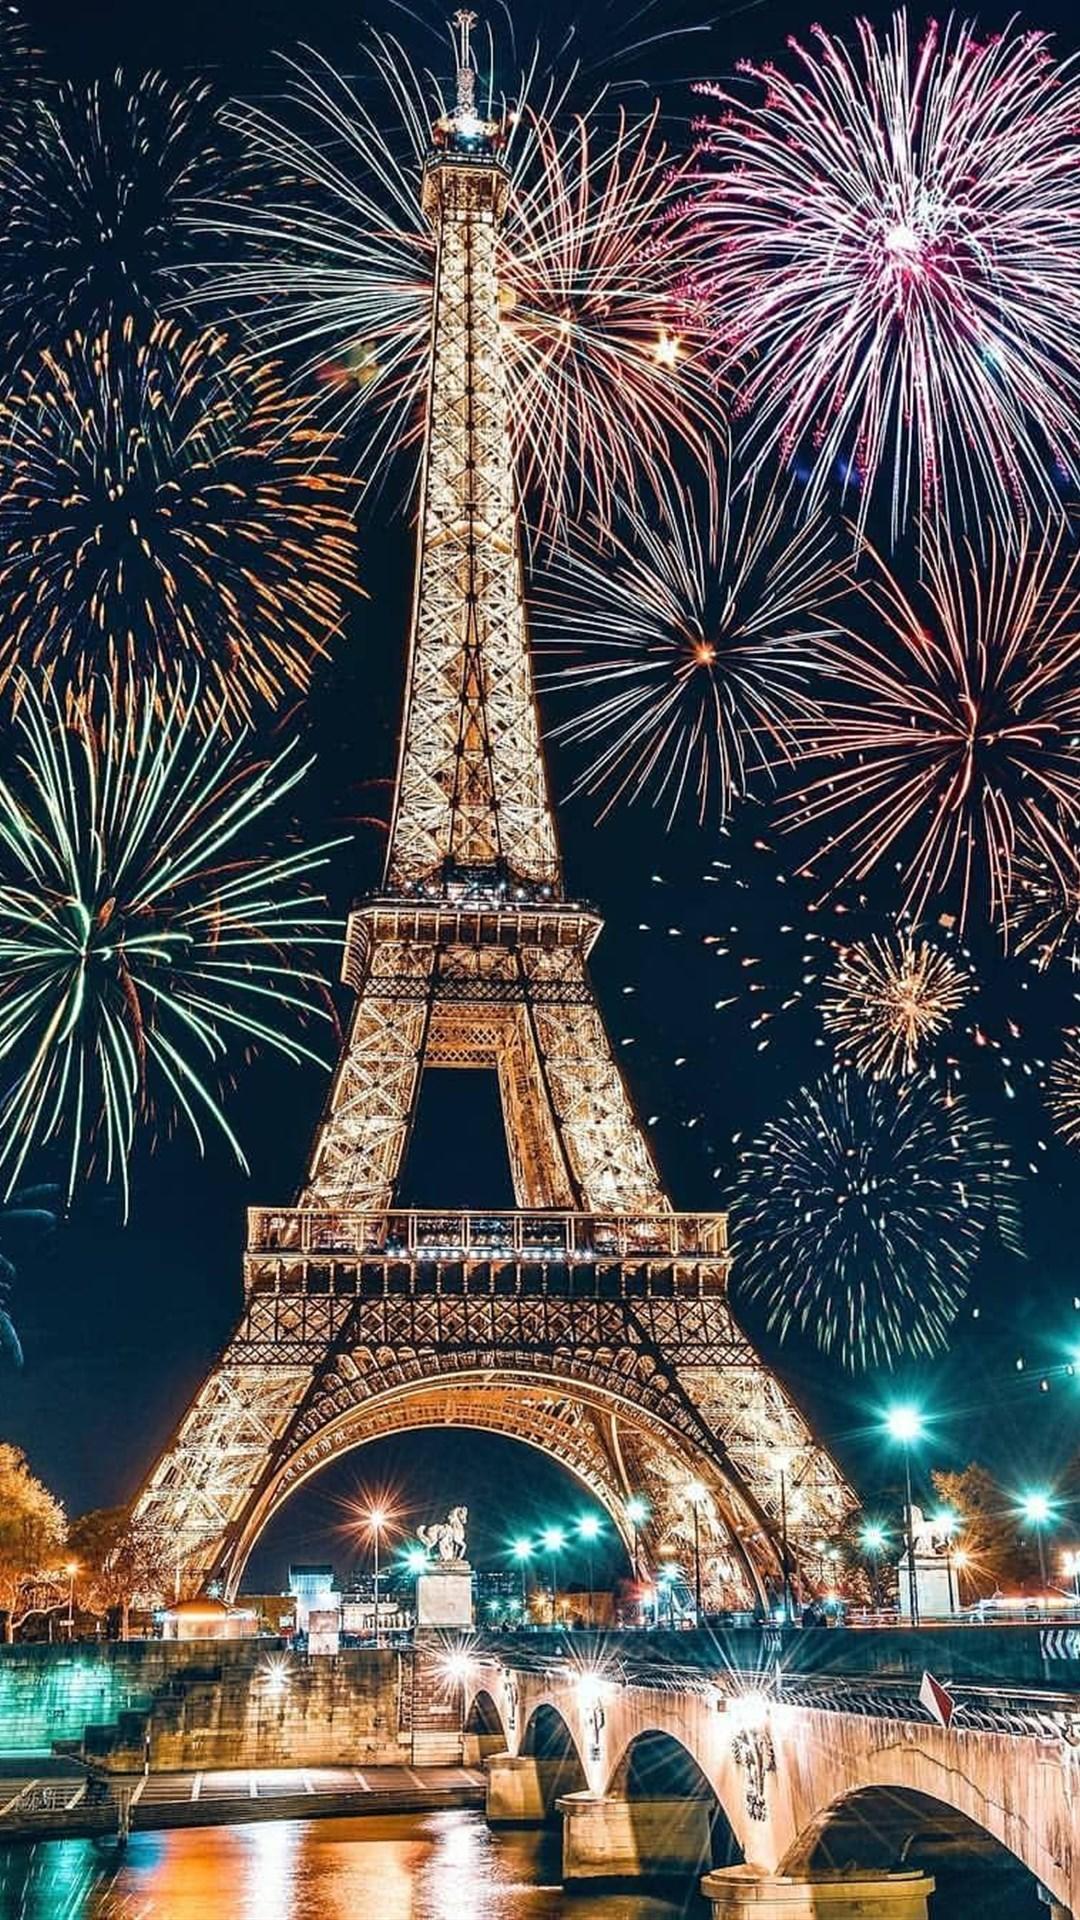 巴黎铁塔好看的城市烟花美景手机壁纸